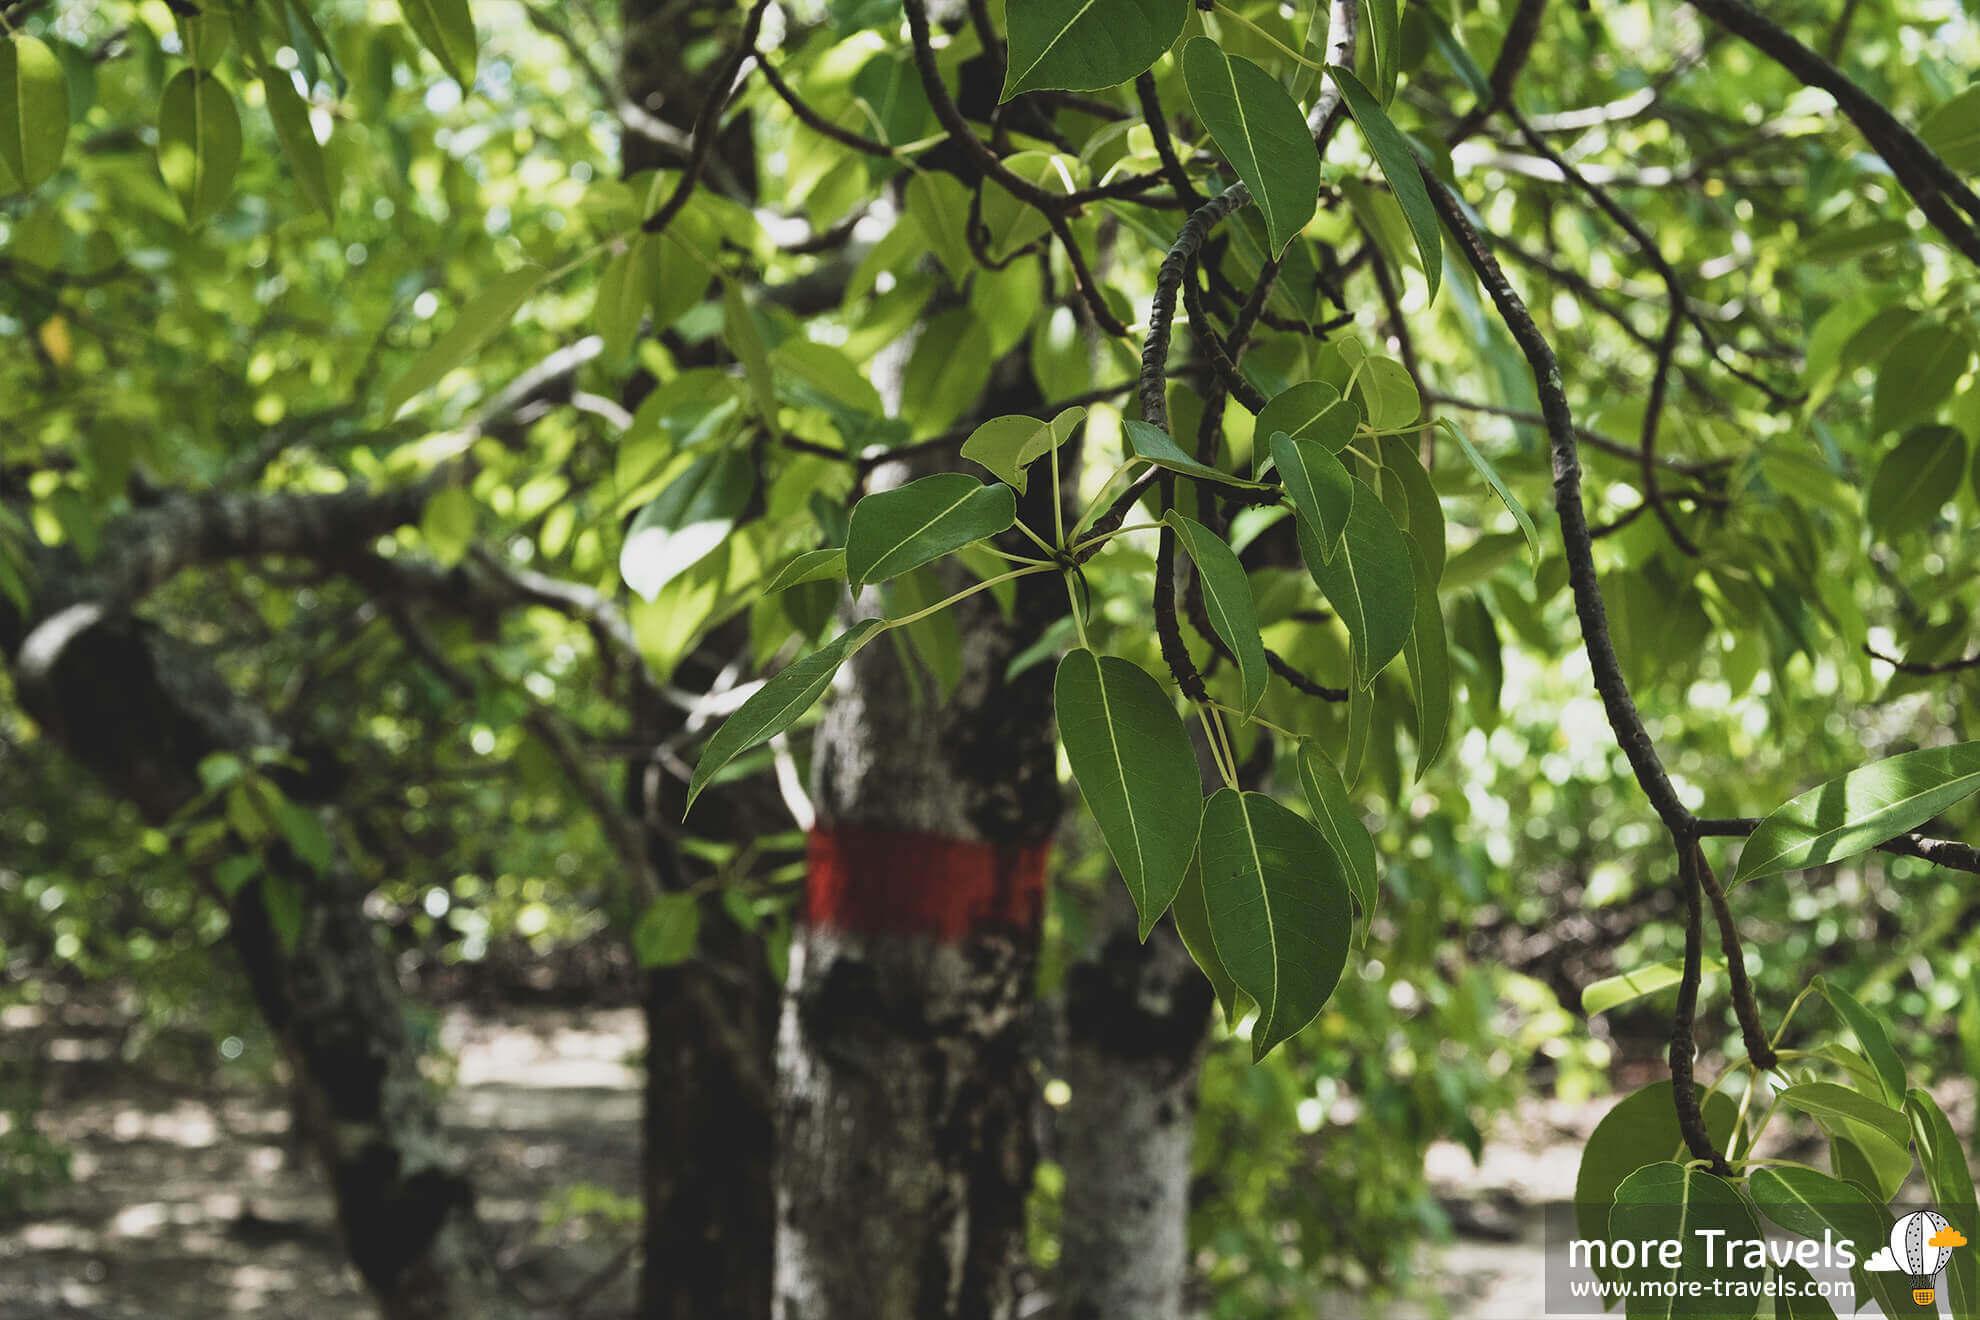 Martynika i trujące drzewo Mancinella